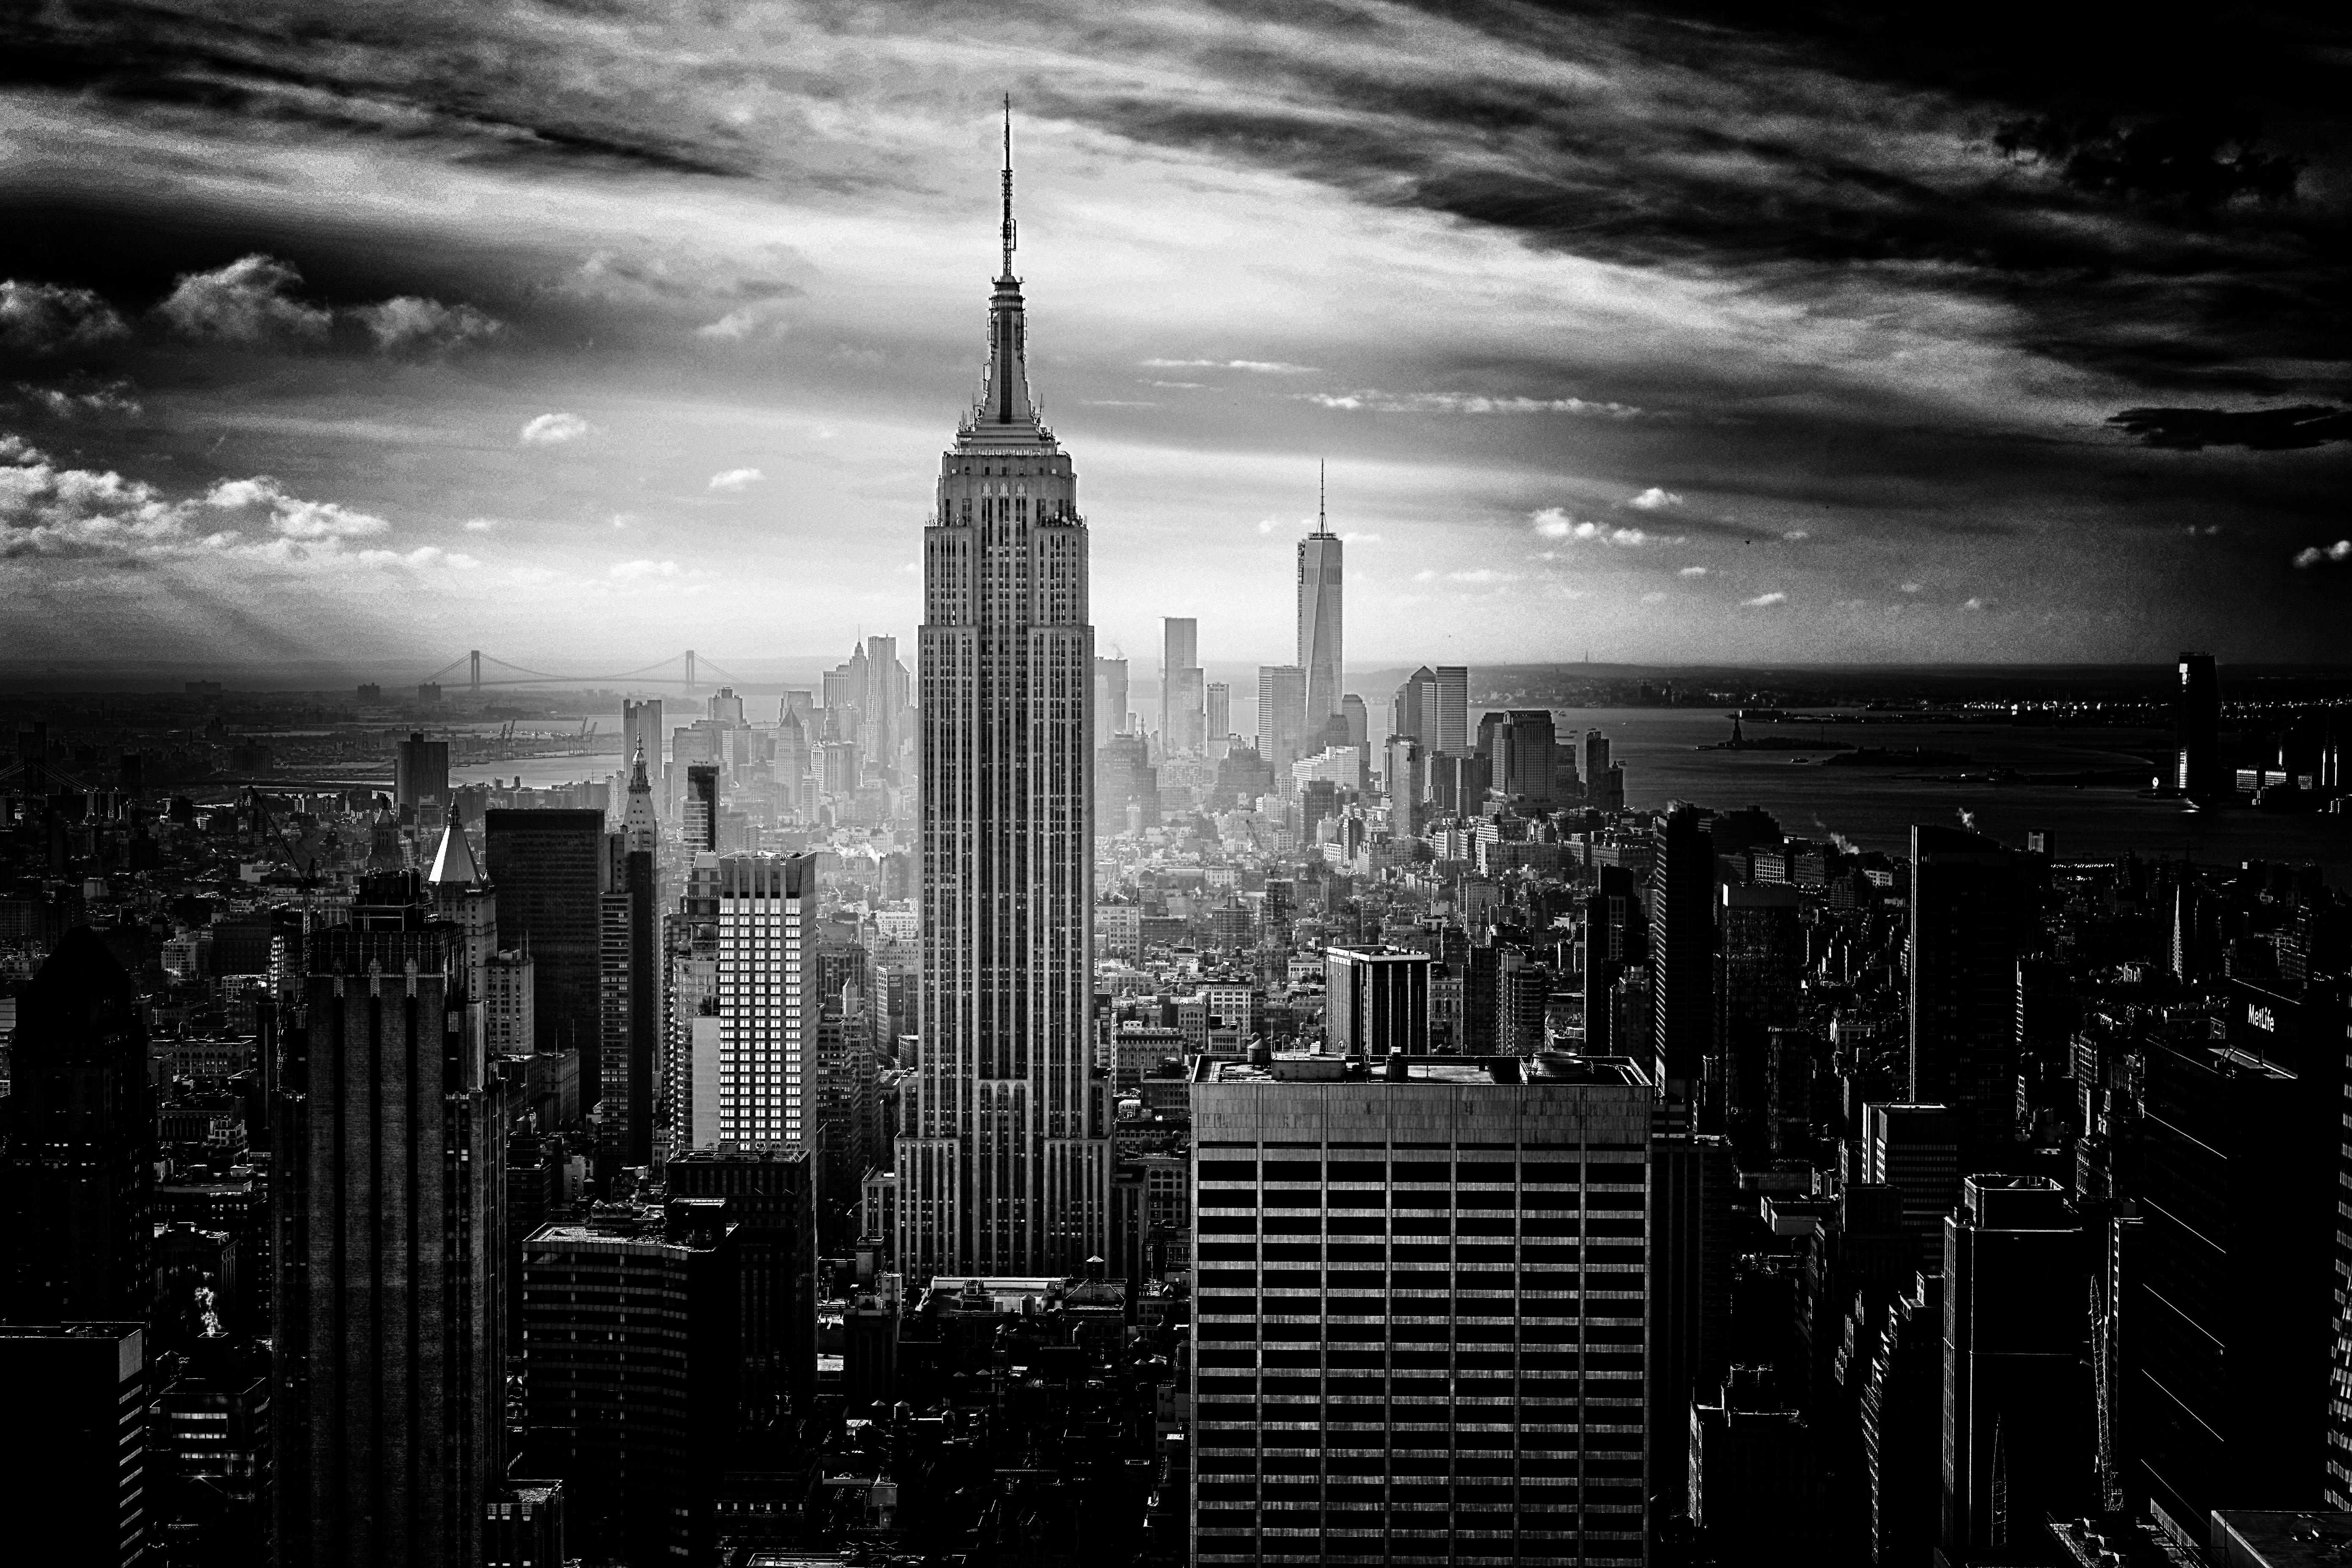 free images horizon black and white skyline night skyscraper